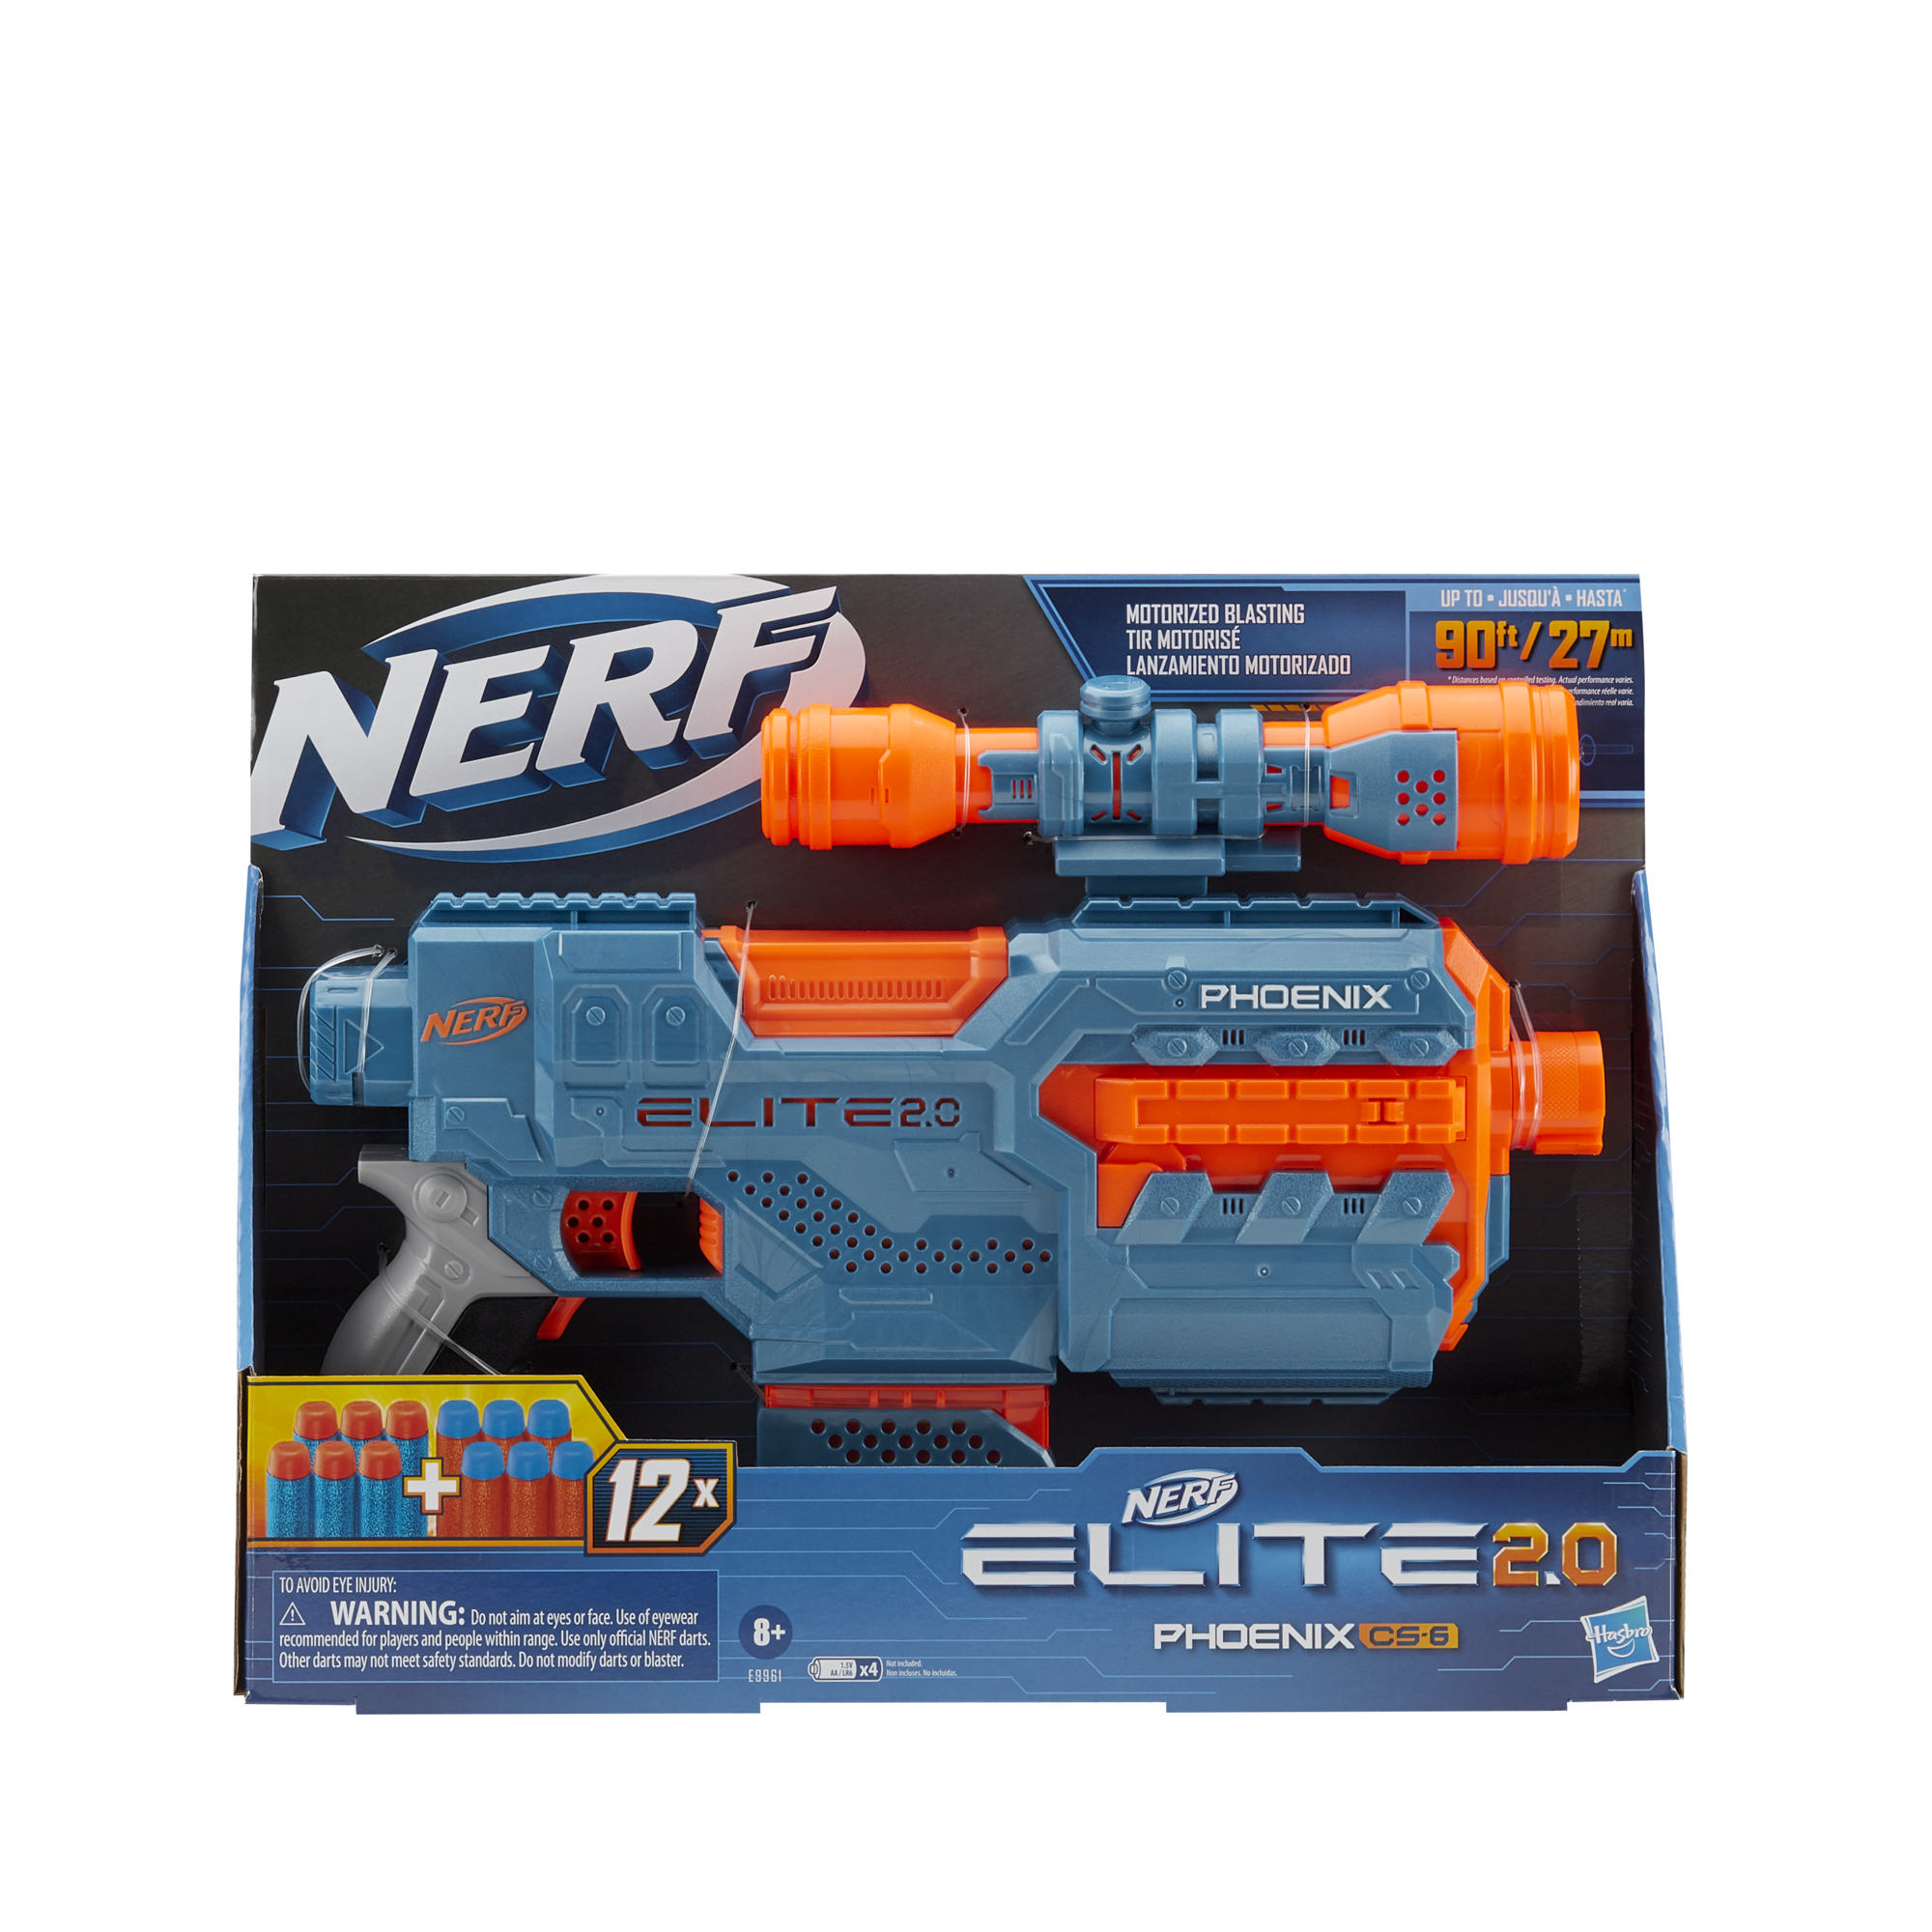 Nerf Elite 2.0, blaster motorisé Phoenix CS-6, 12 fléchettes Nerf, viseur, rails tactiques, points de fixation